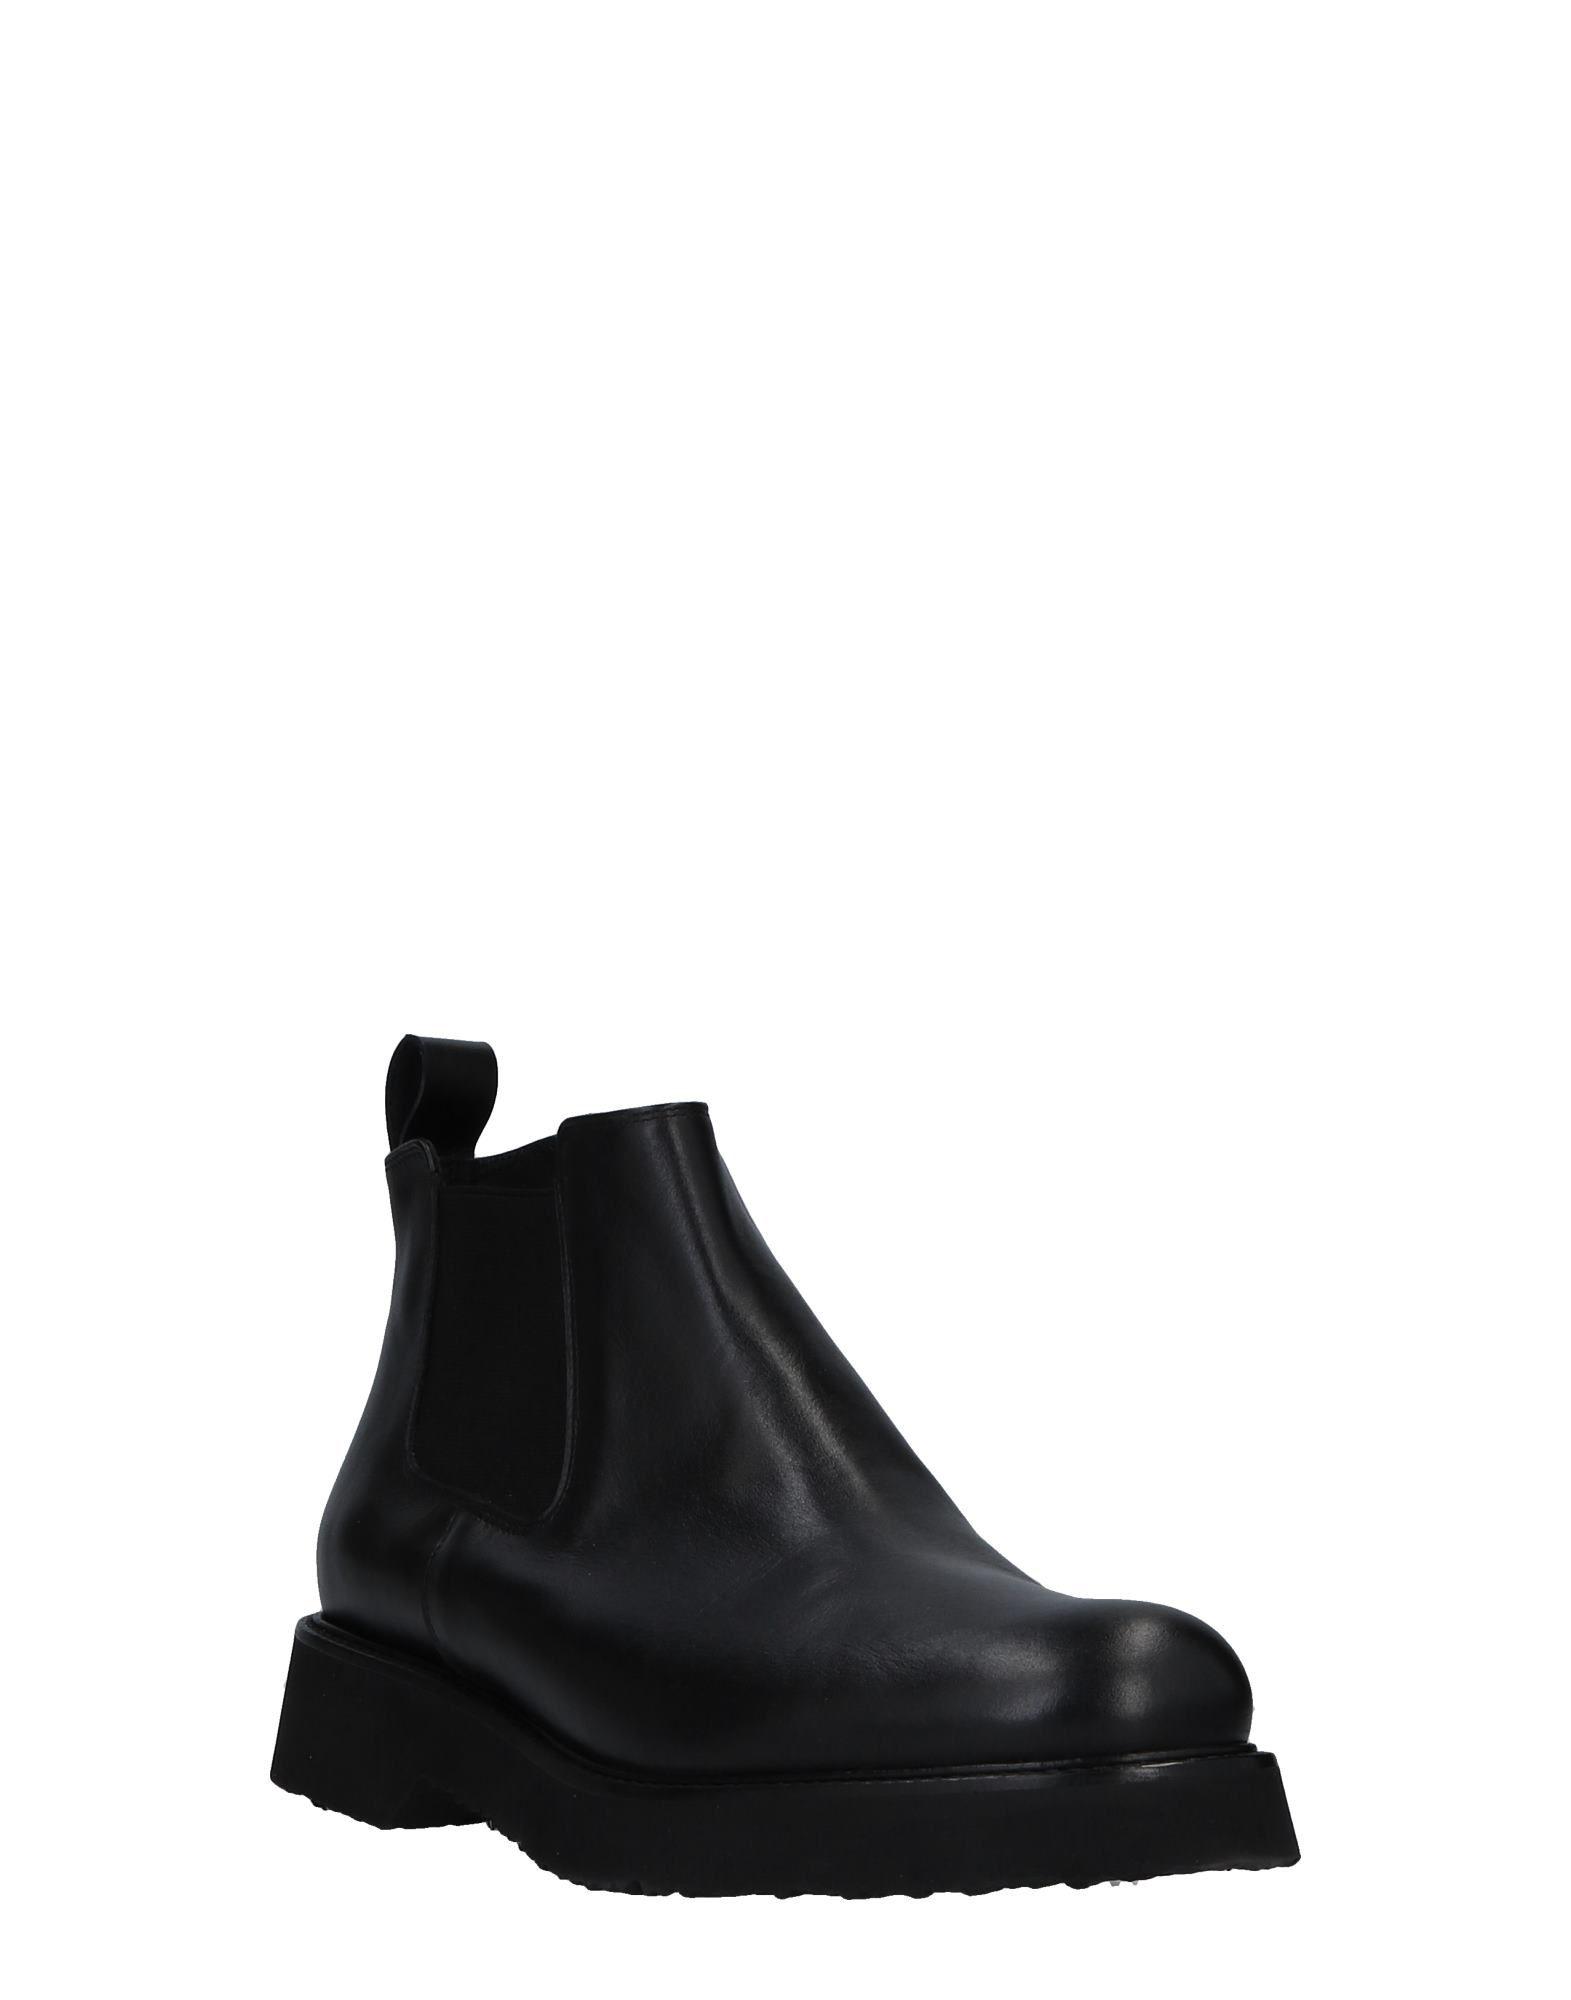 Gut um Jurno billige Schuhe zu tragenAlan Jurno um Chelsea Boots Damen  11512303XA 541b6a